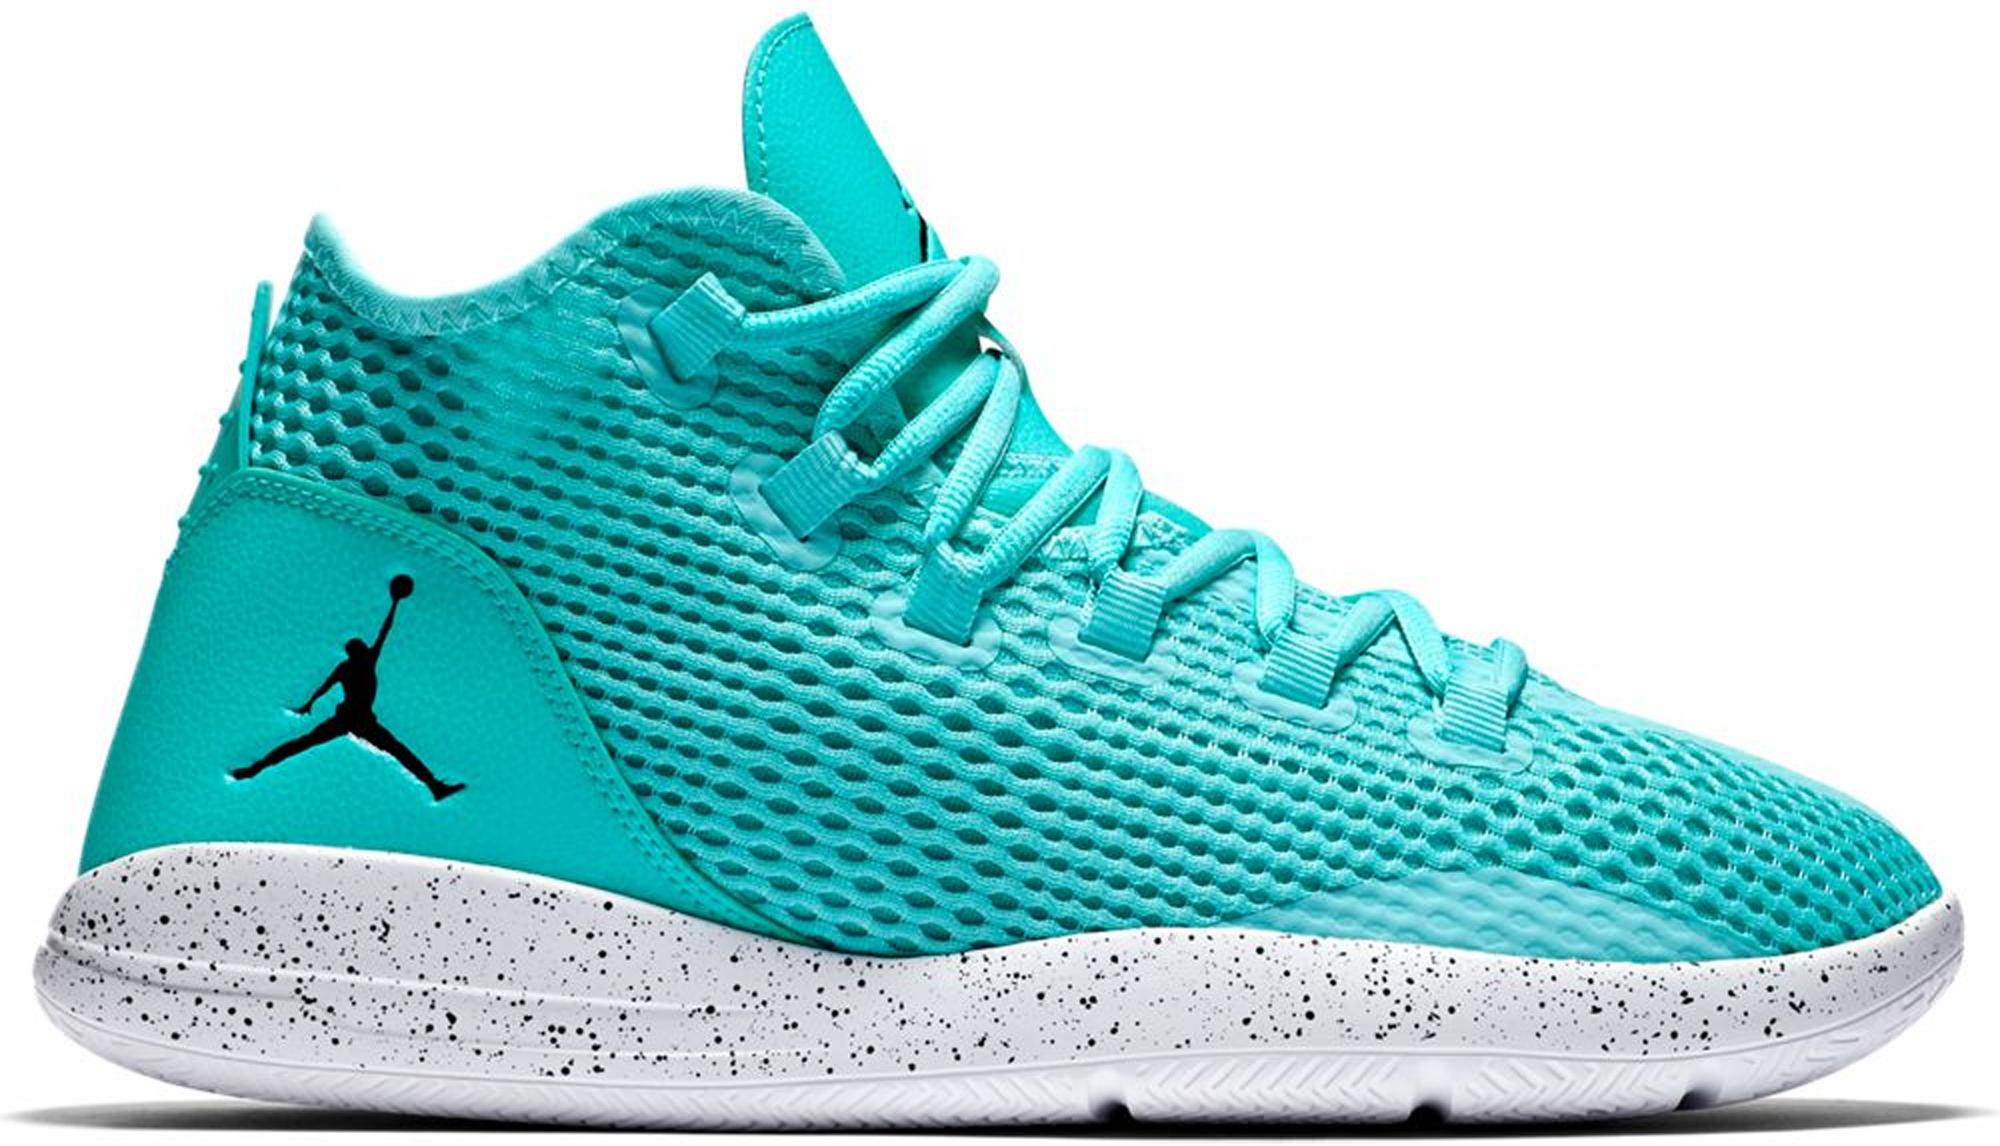 Jordan Reveal Hyper Turquoise - 834064-303